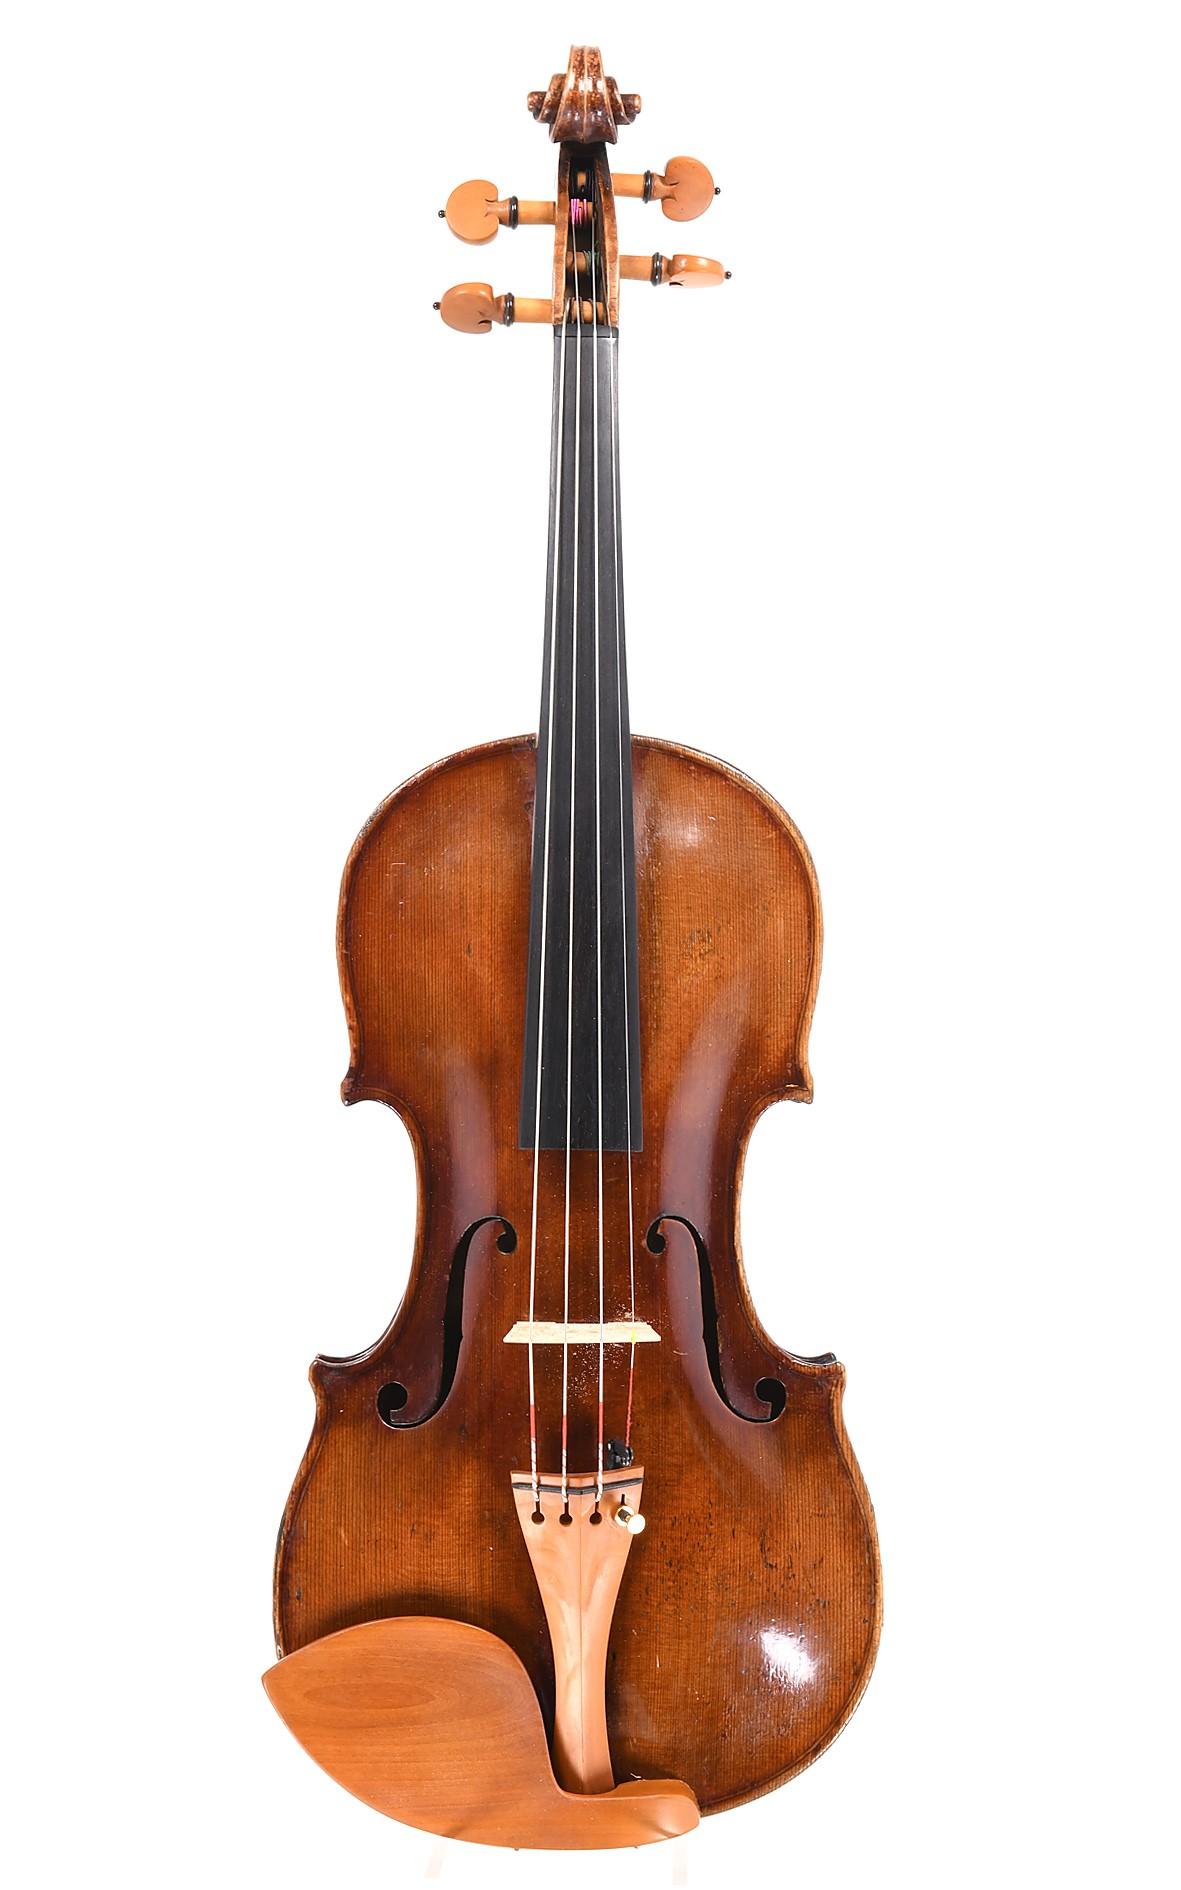 Antike böhmische Violine. 19. Jahrhundert - Decke